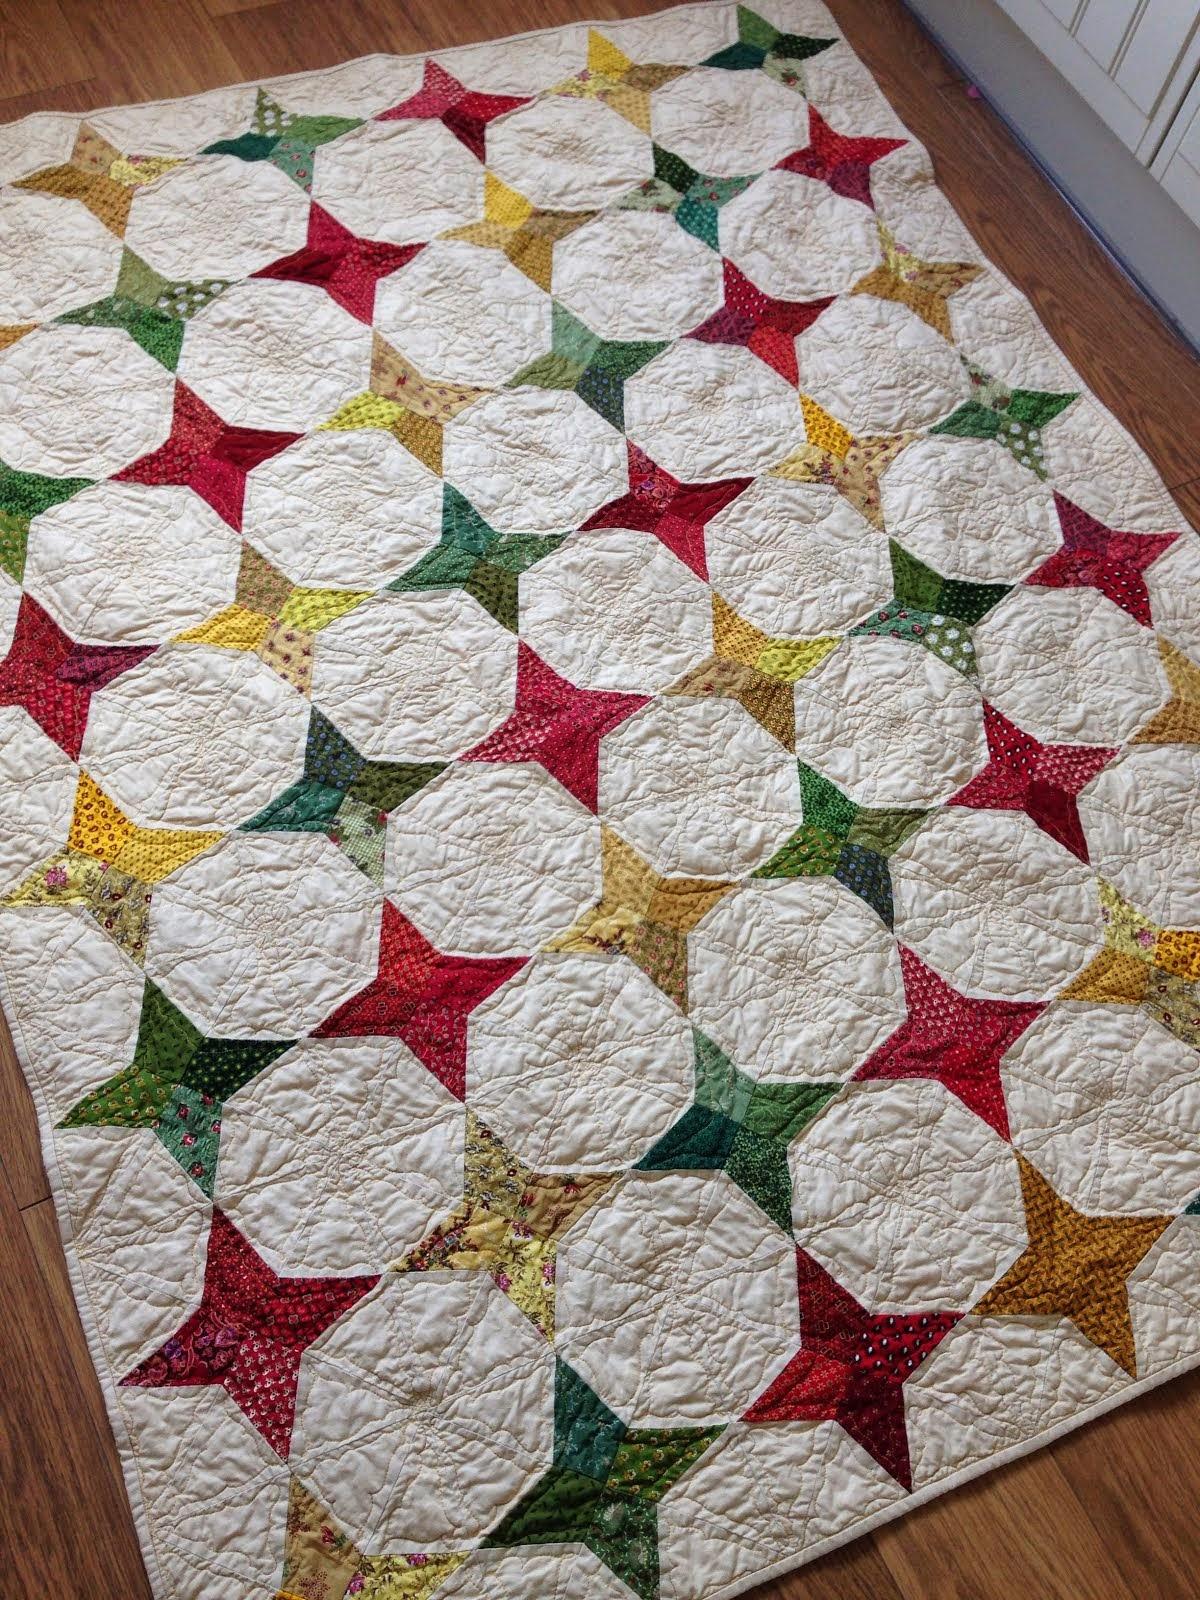 Deze quilt heb ik gemaakt met al mijn oude groen, rode, en gele lapjes...echt antiek!